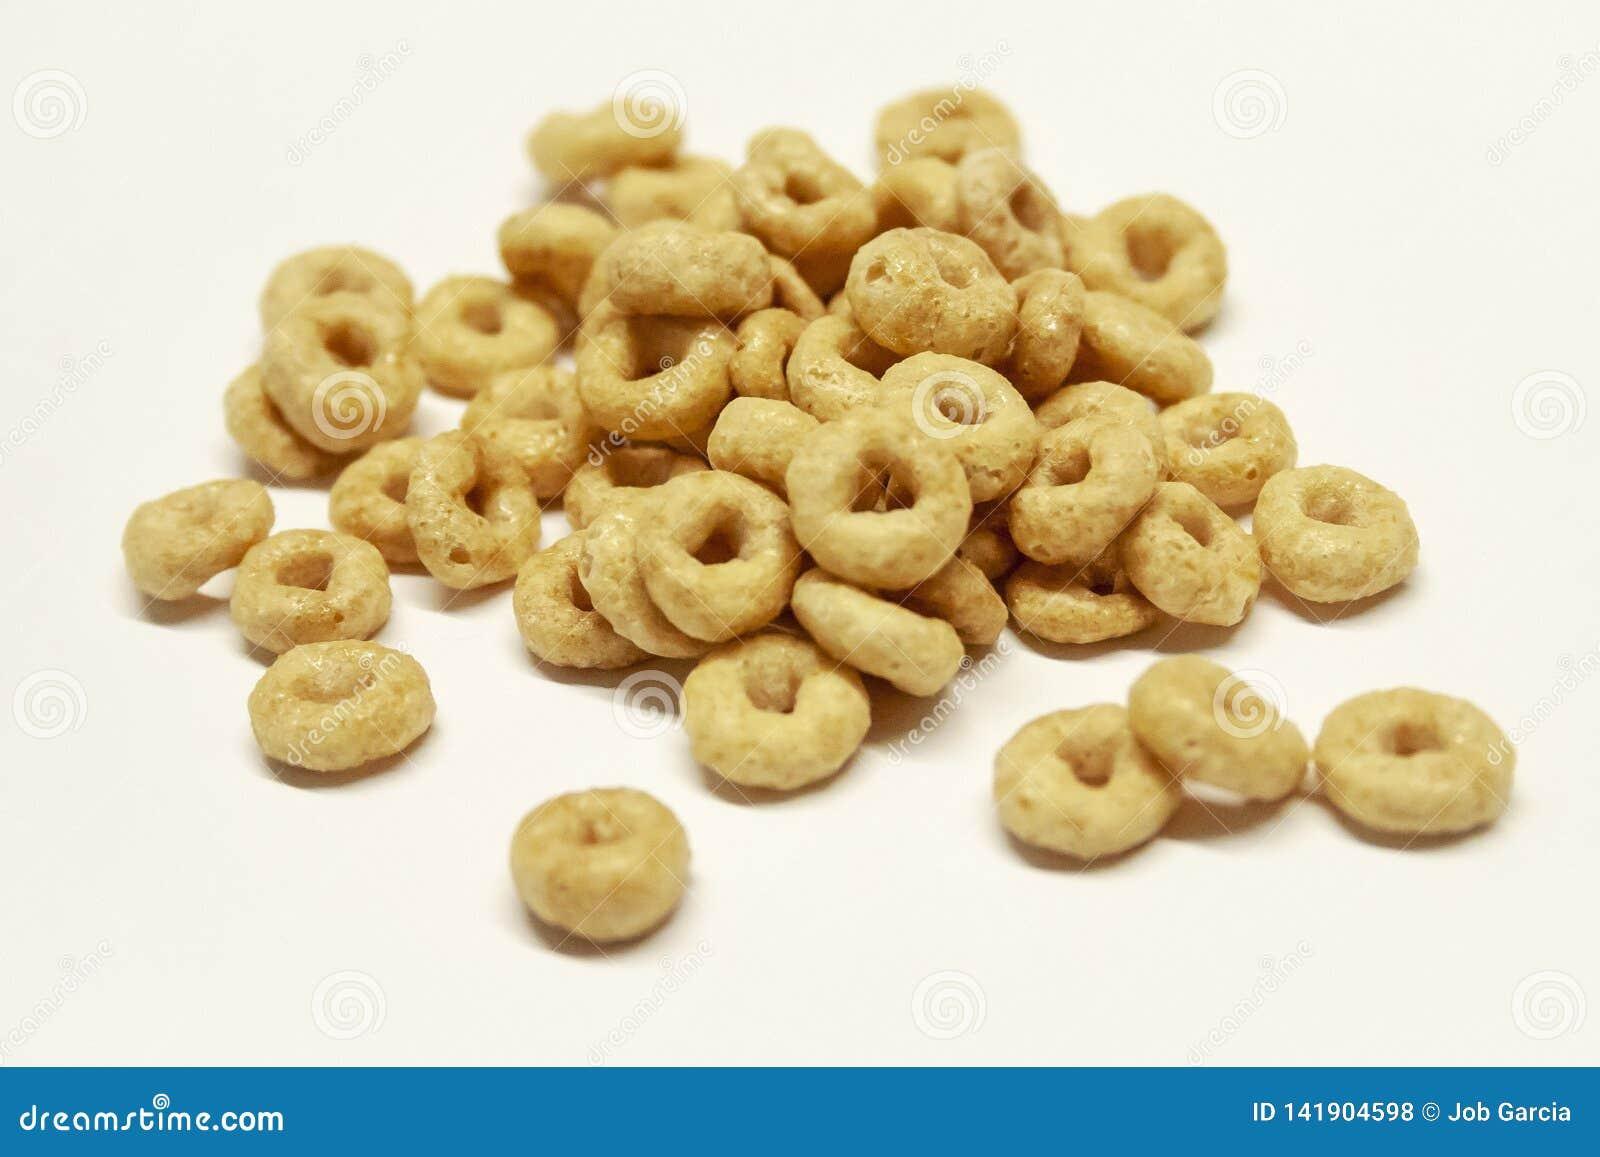 Pila aislada de cereal en el fondo blanco